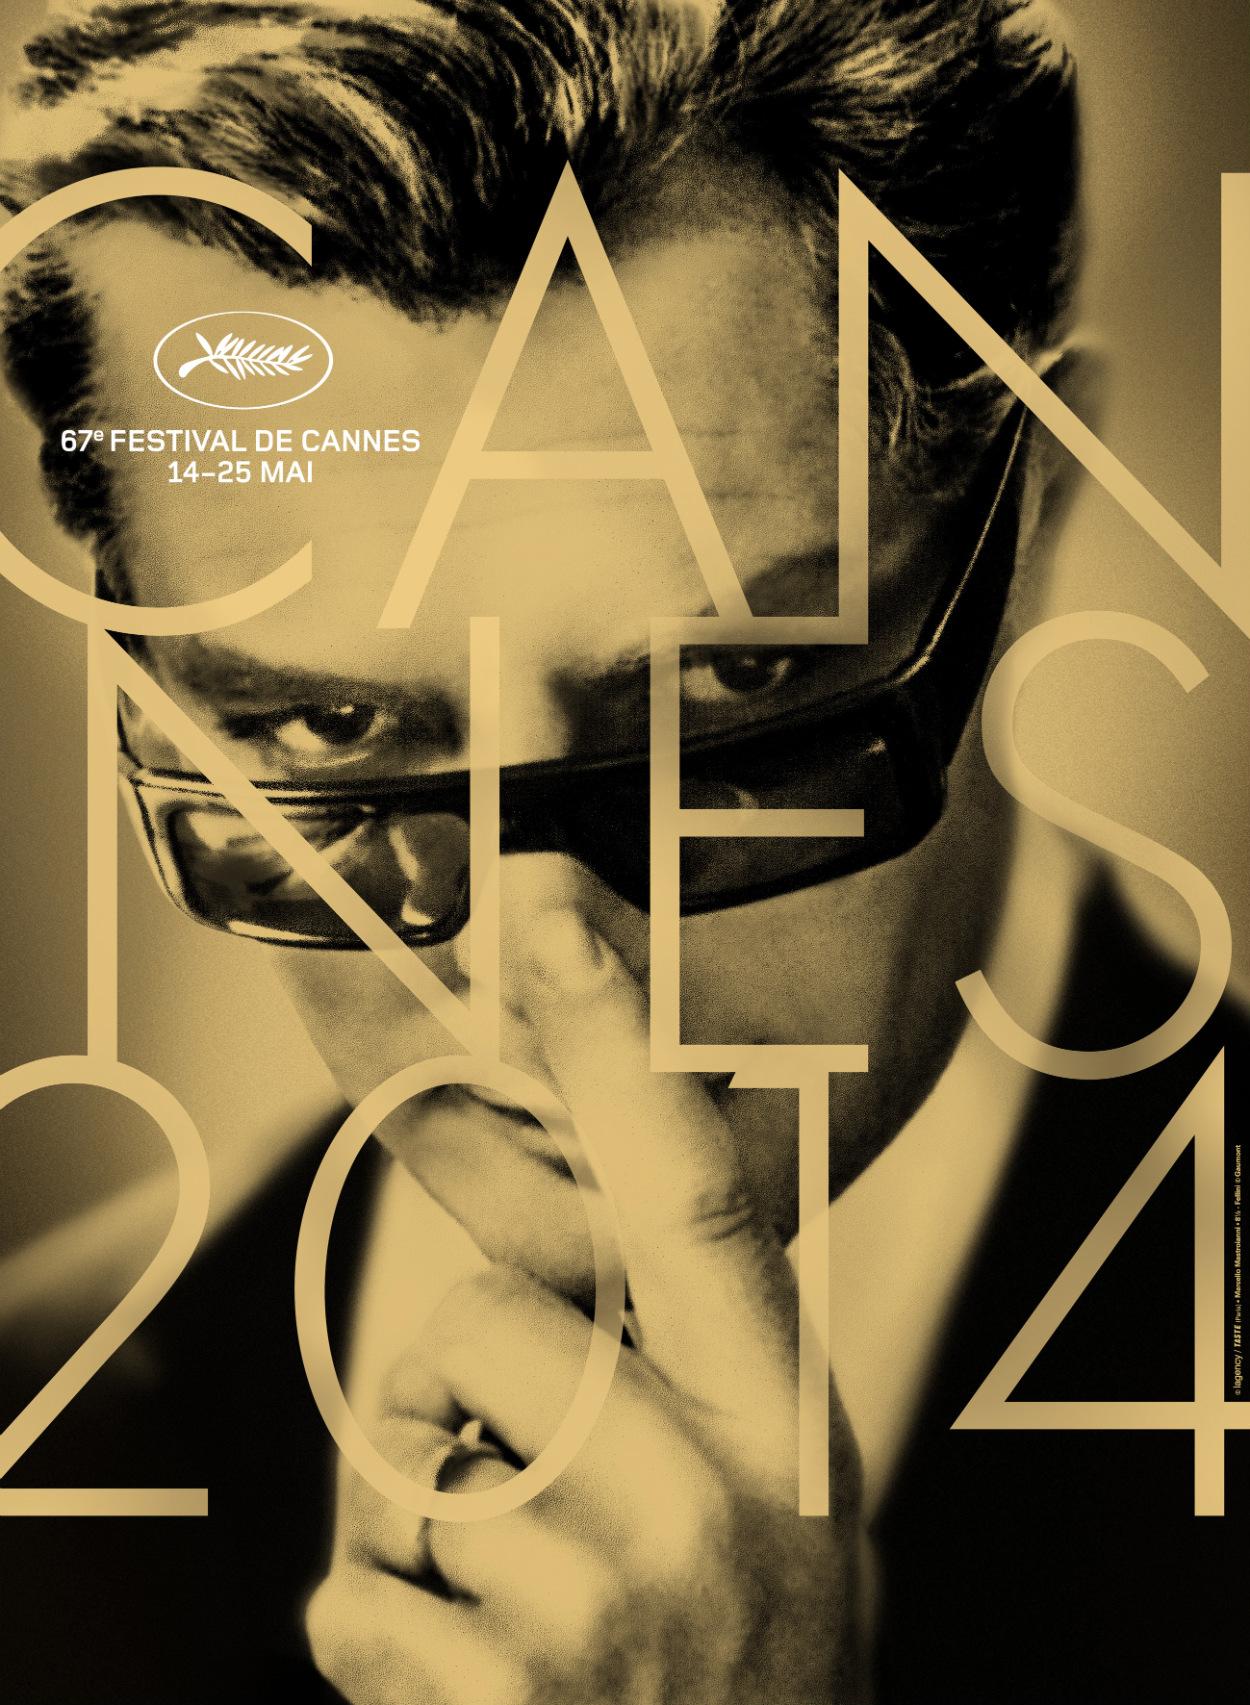 festival-di-cannes-2014-poster